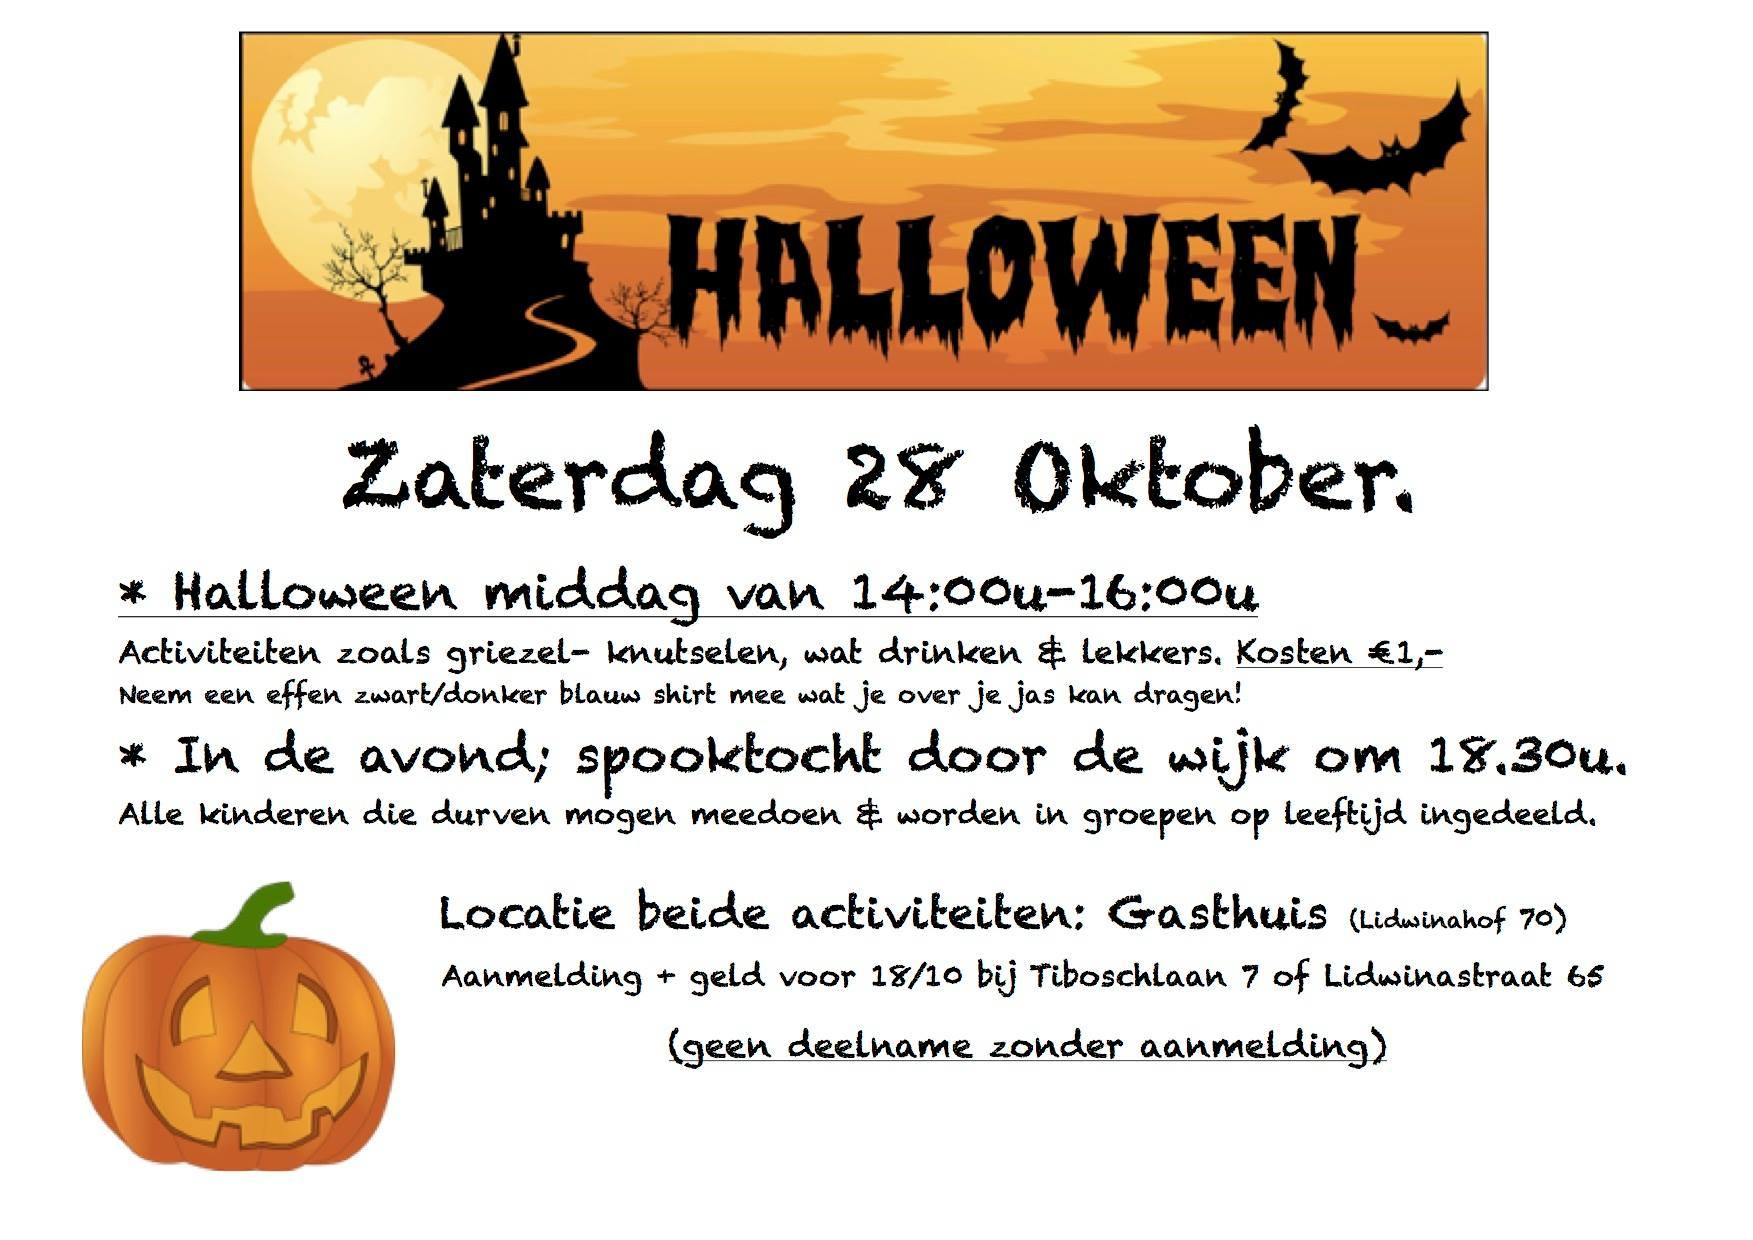 Halloween, Bonkelaar